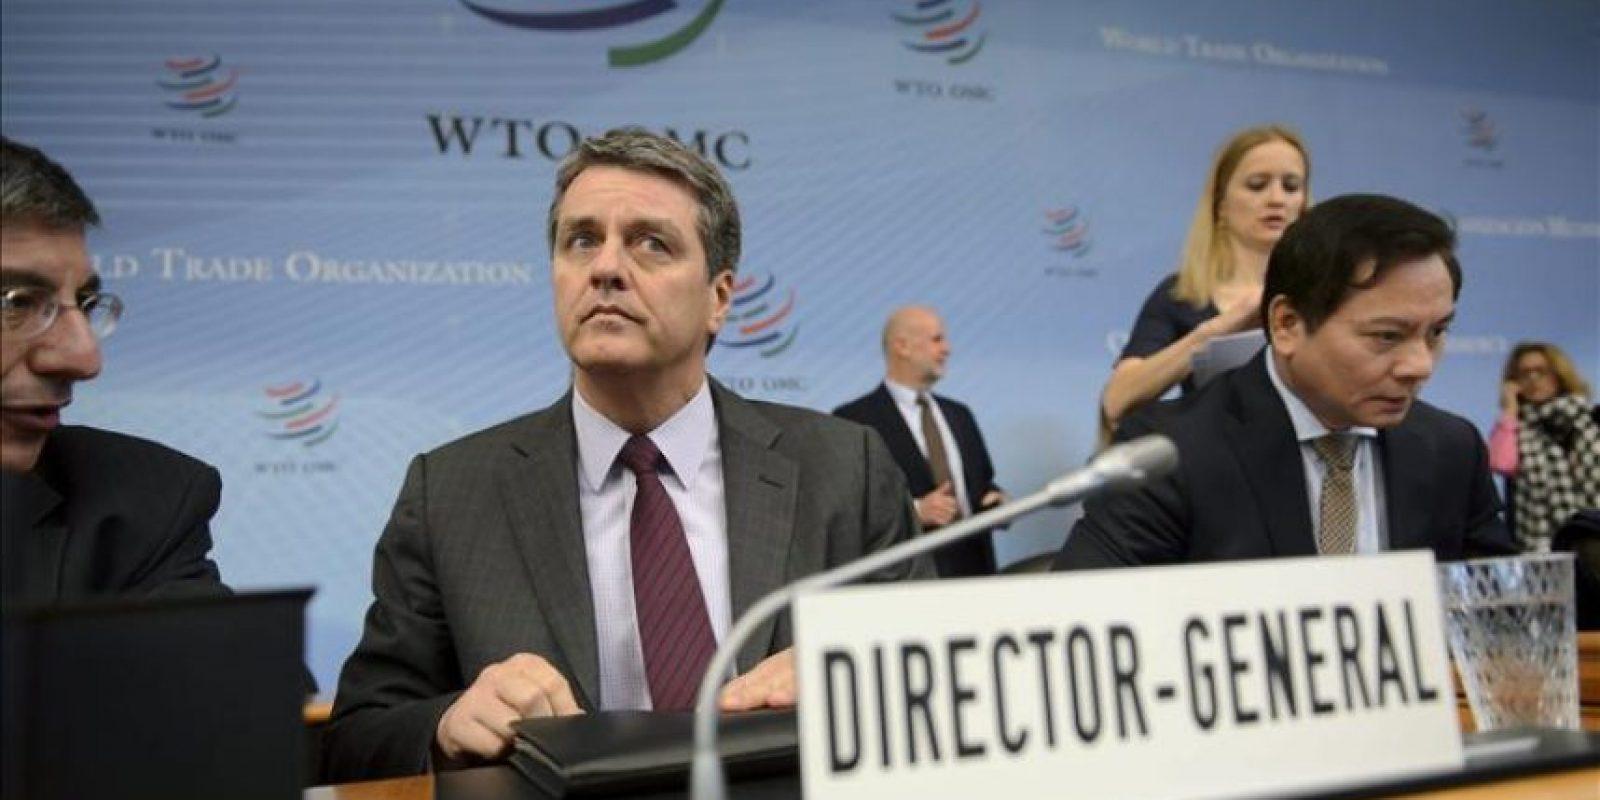 El director general de la Organización Mundial del Comercio (OMC), el brasileño Roberto Azêvedo (c), preside una reunión extraordinaria del Consejo General de la organización en Ginebra, Suiza, hoy, jueves 27 de noviembre de 2014.